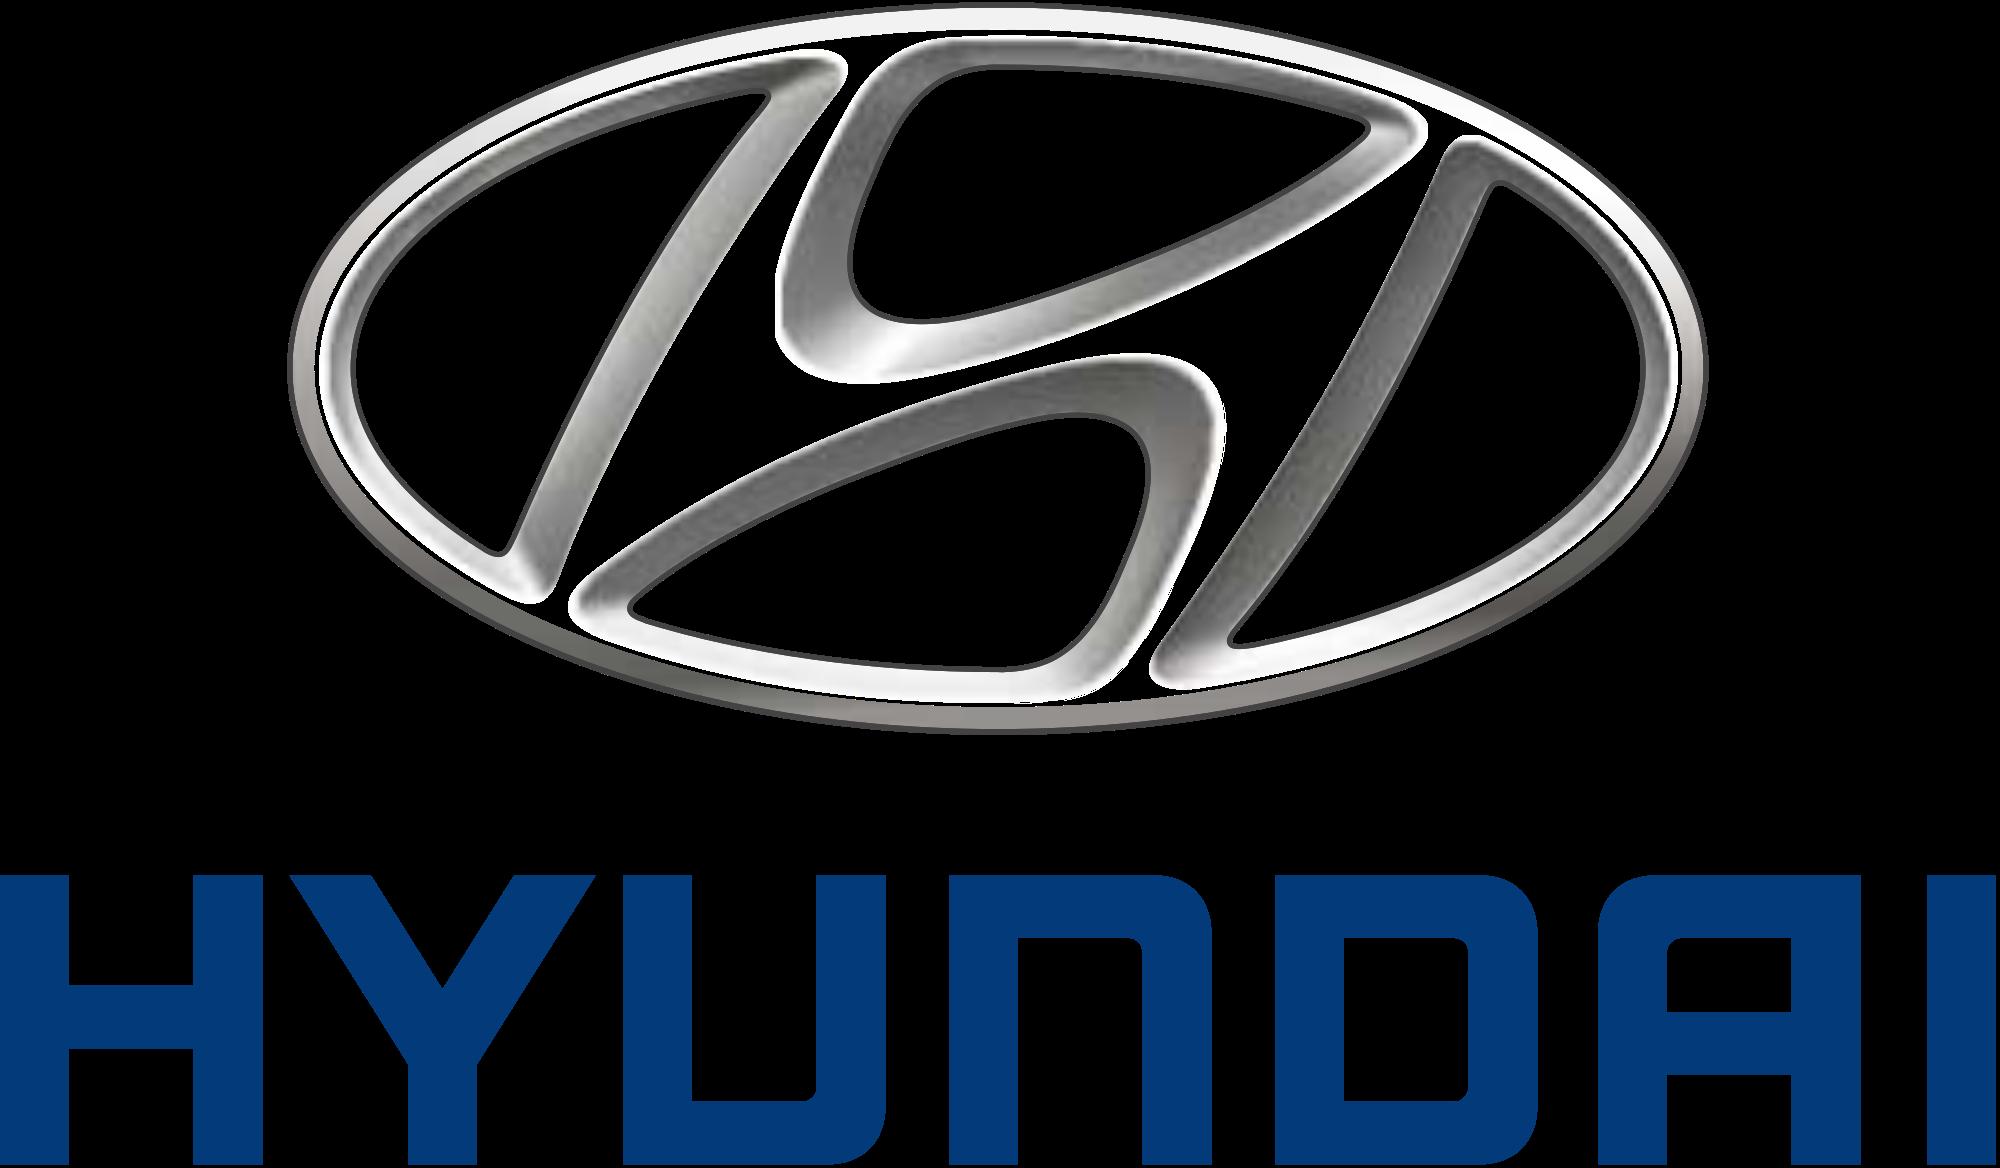 Hyundai Logo Hyundai genesis, Hyundai sonata, Thiết kế logo